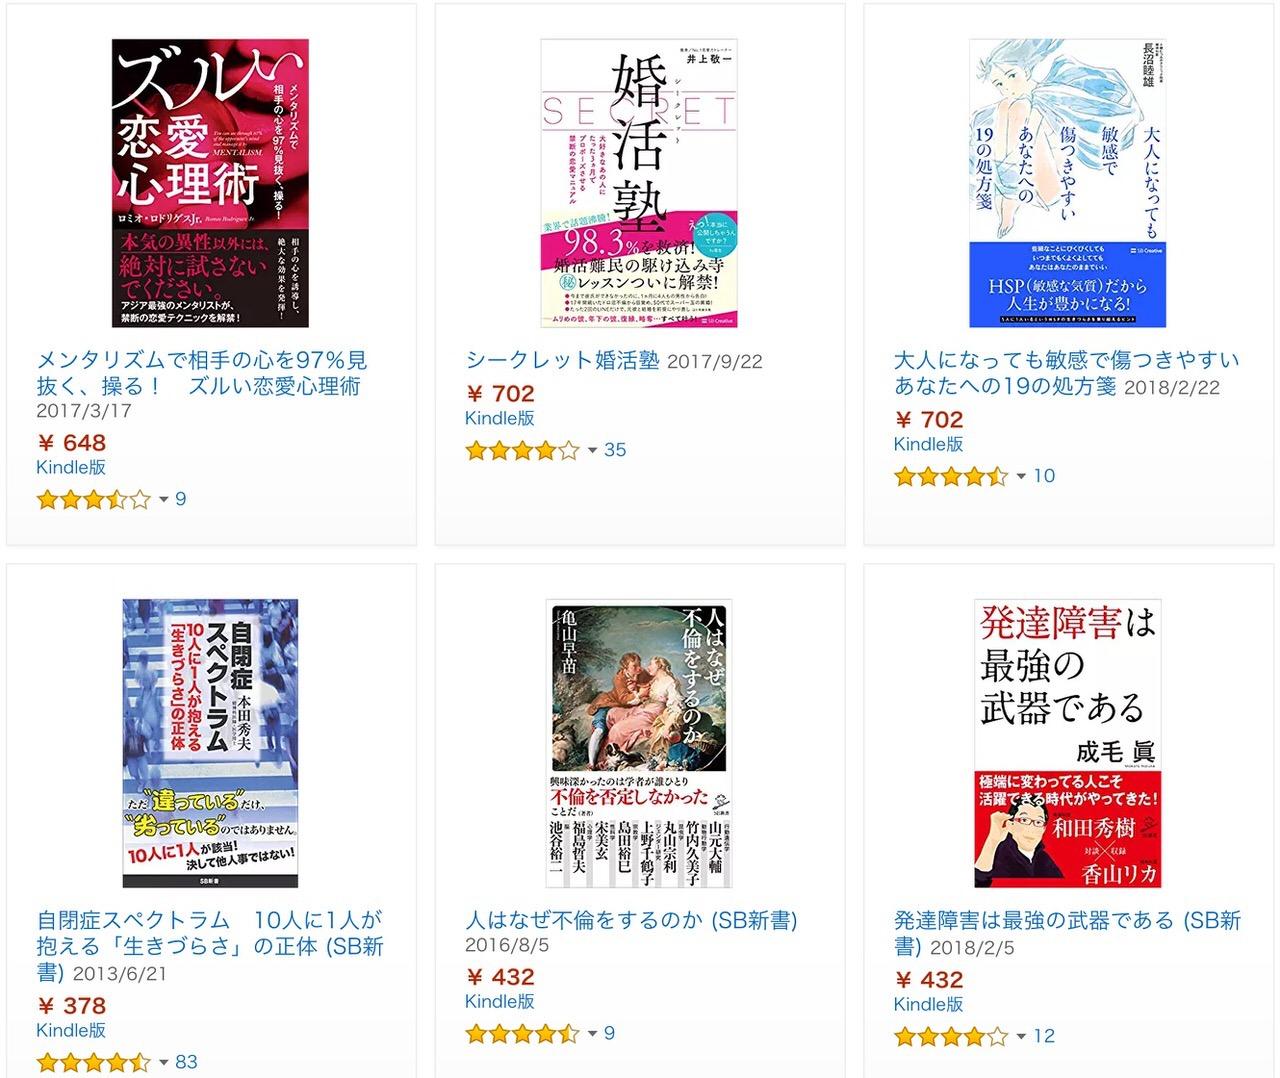 【Kindleセール】50%OFF「こっそり買いたい本」(11/1まで)